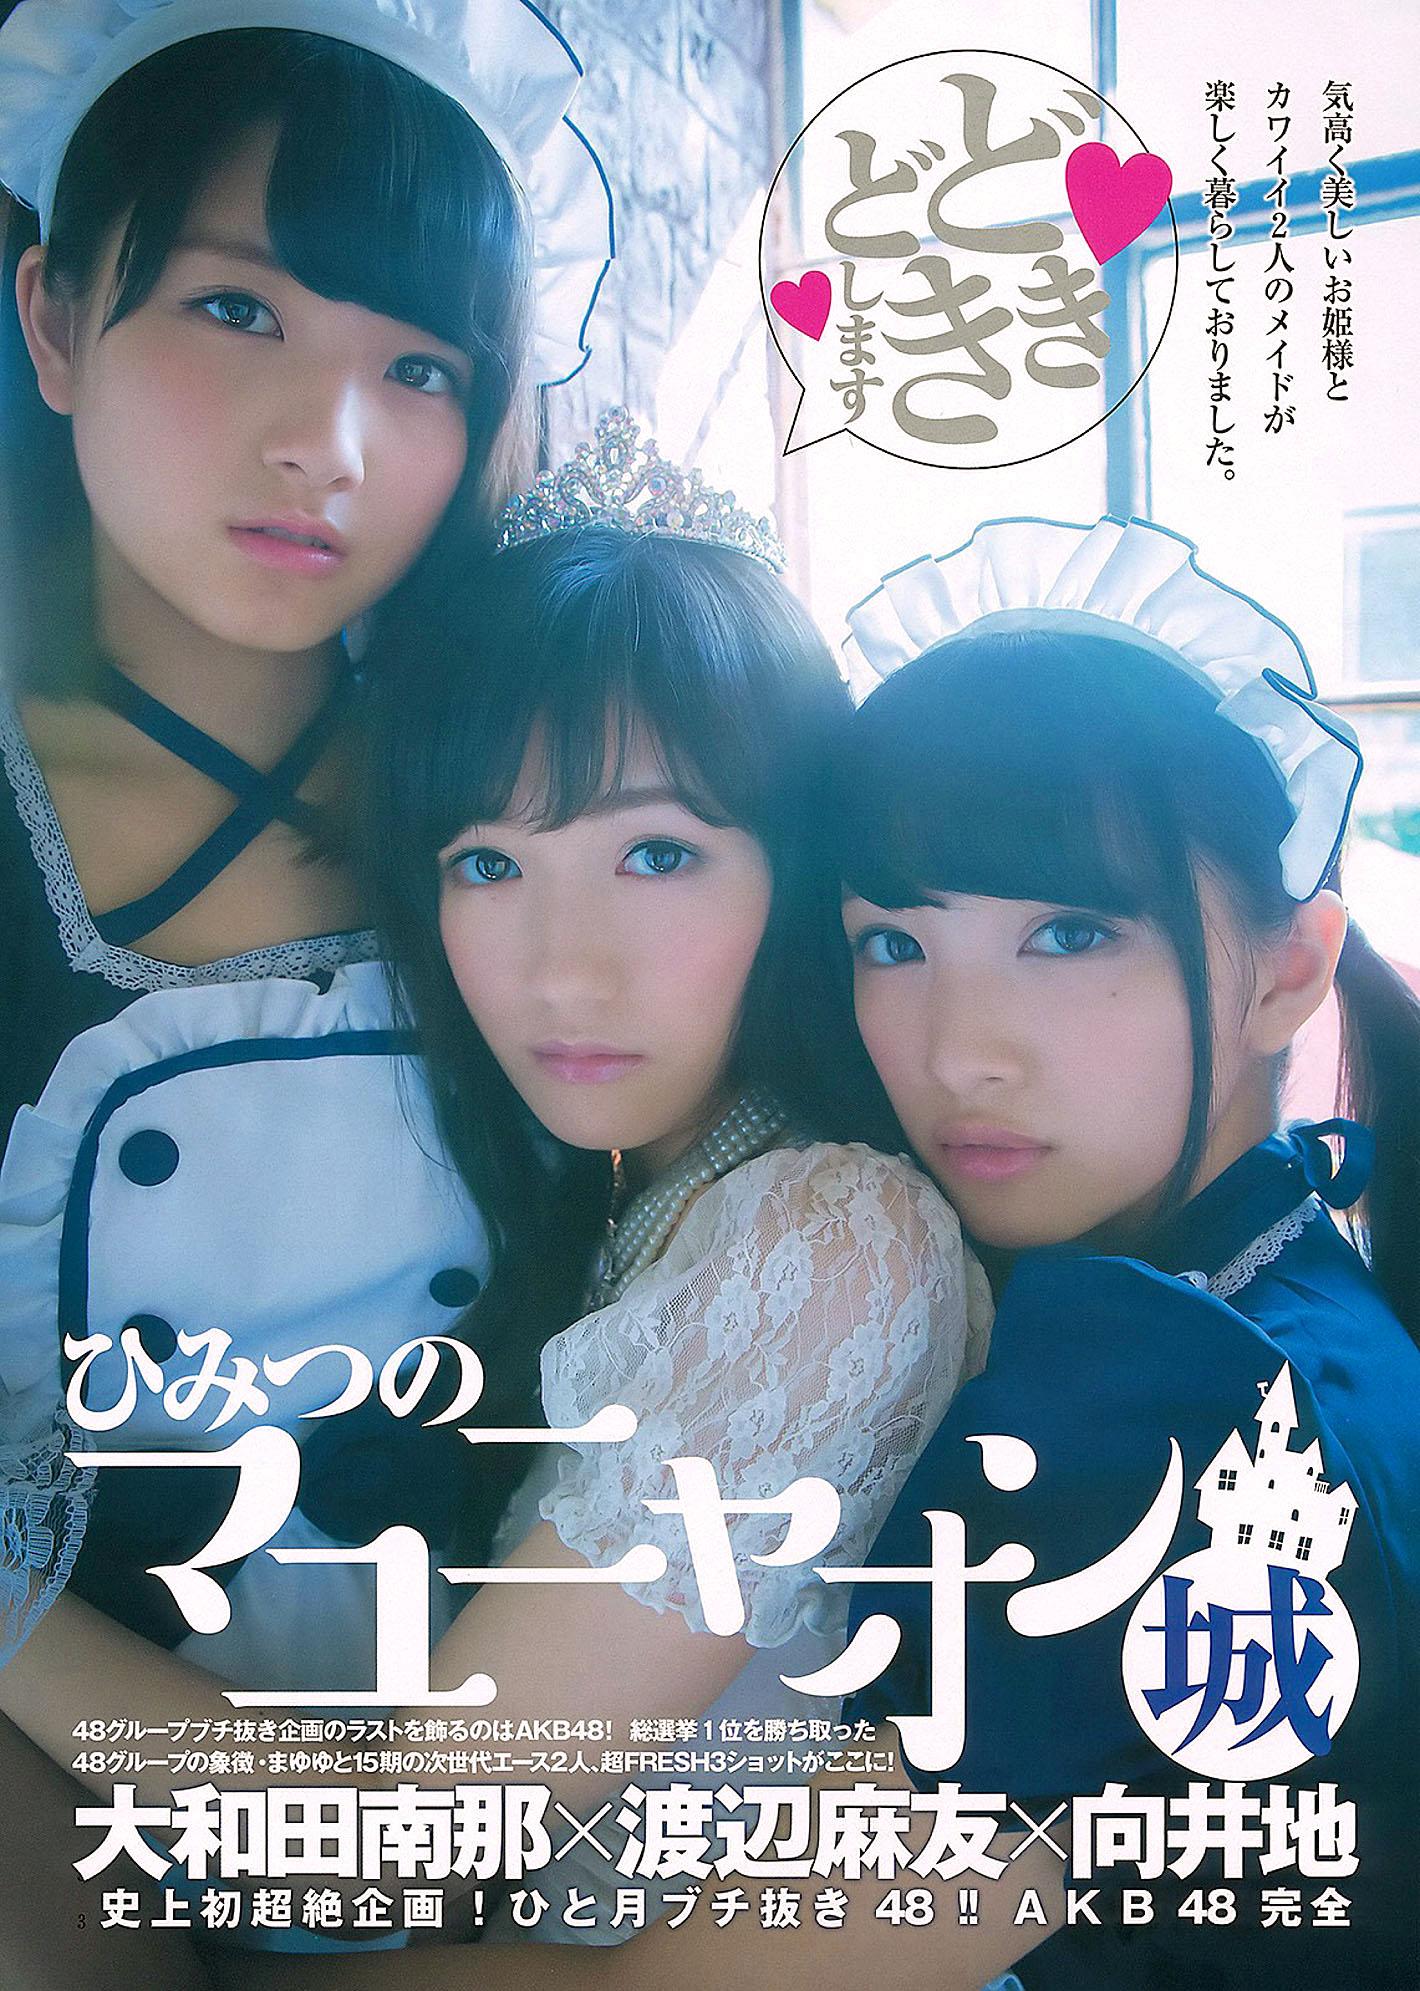 MMukaichi MWatanabe NOwada Young Jump 141204 04.jpg